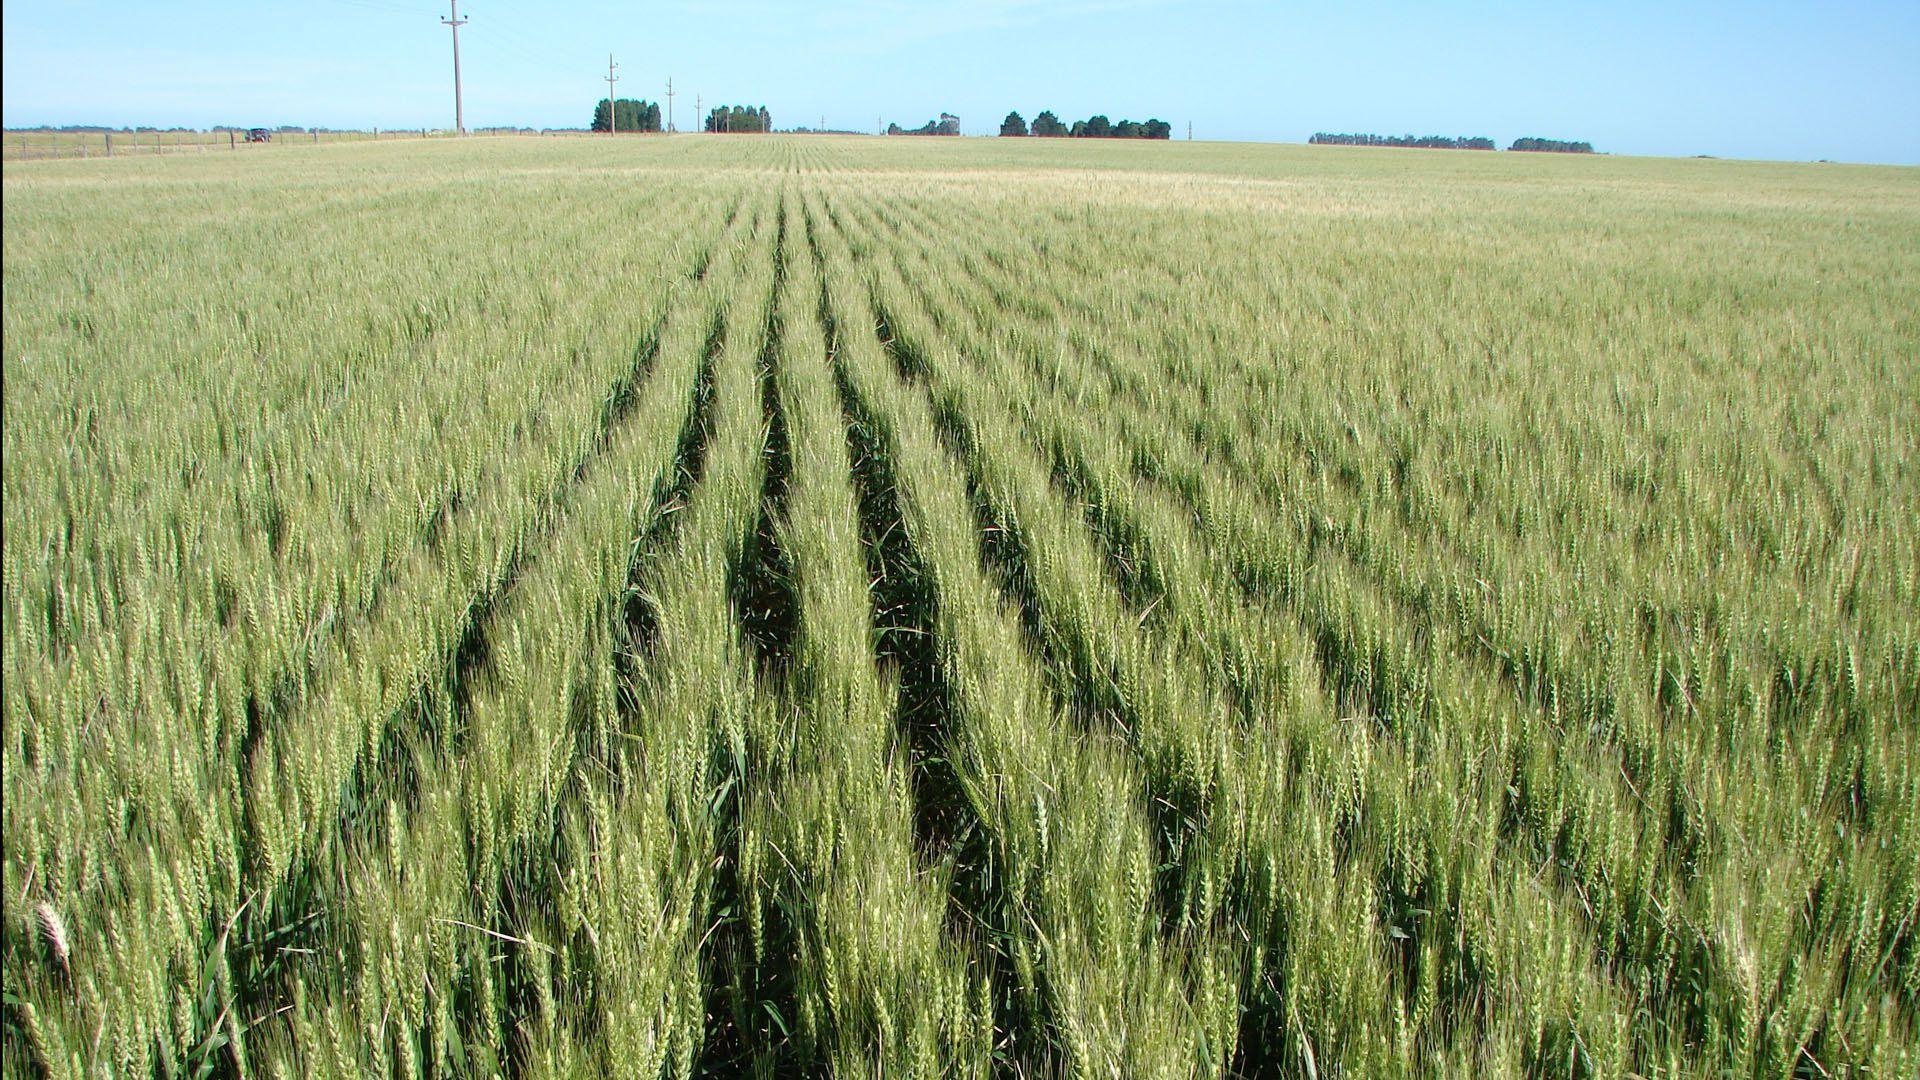 Siguen las críticas de los productores de soja y trigo al Banco Nación por las restricciones al acceso al crédito